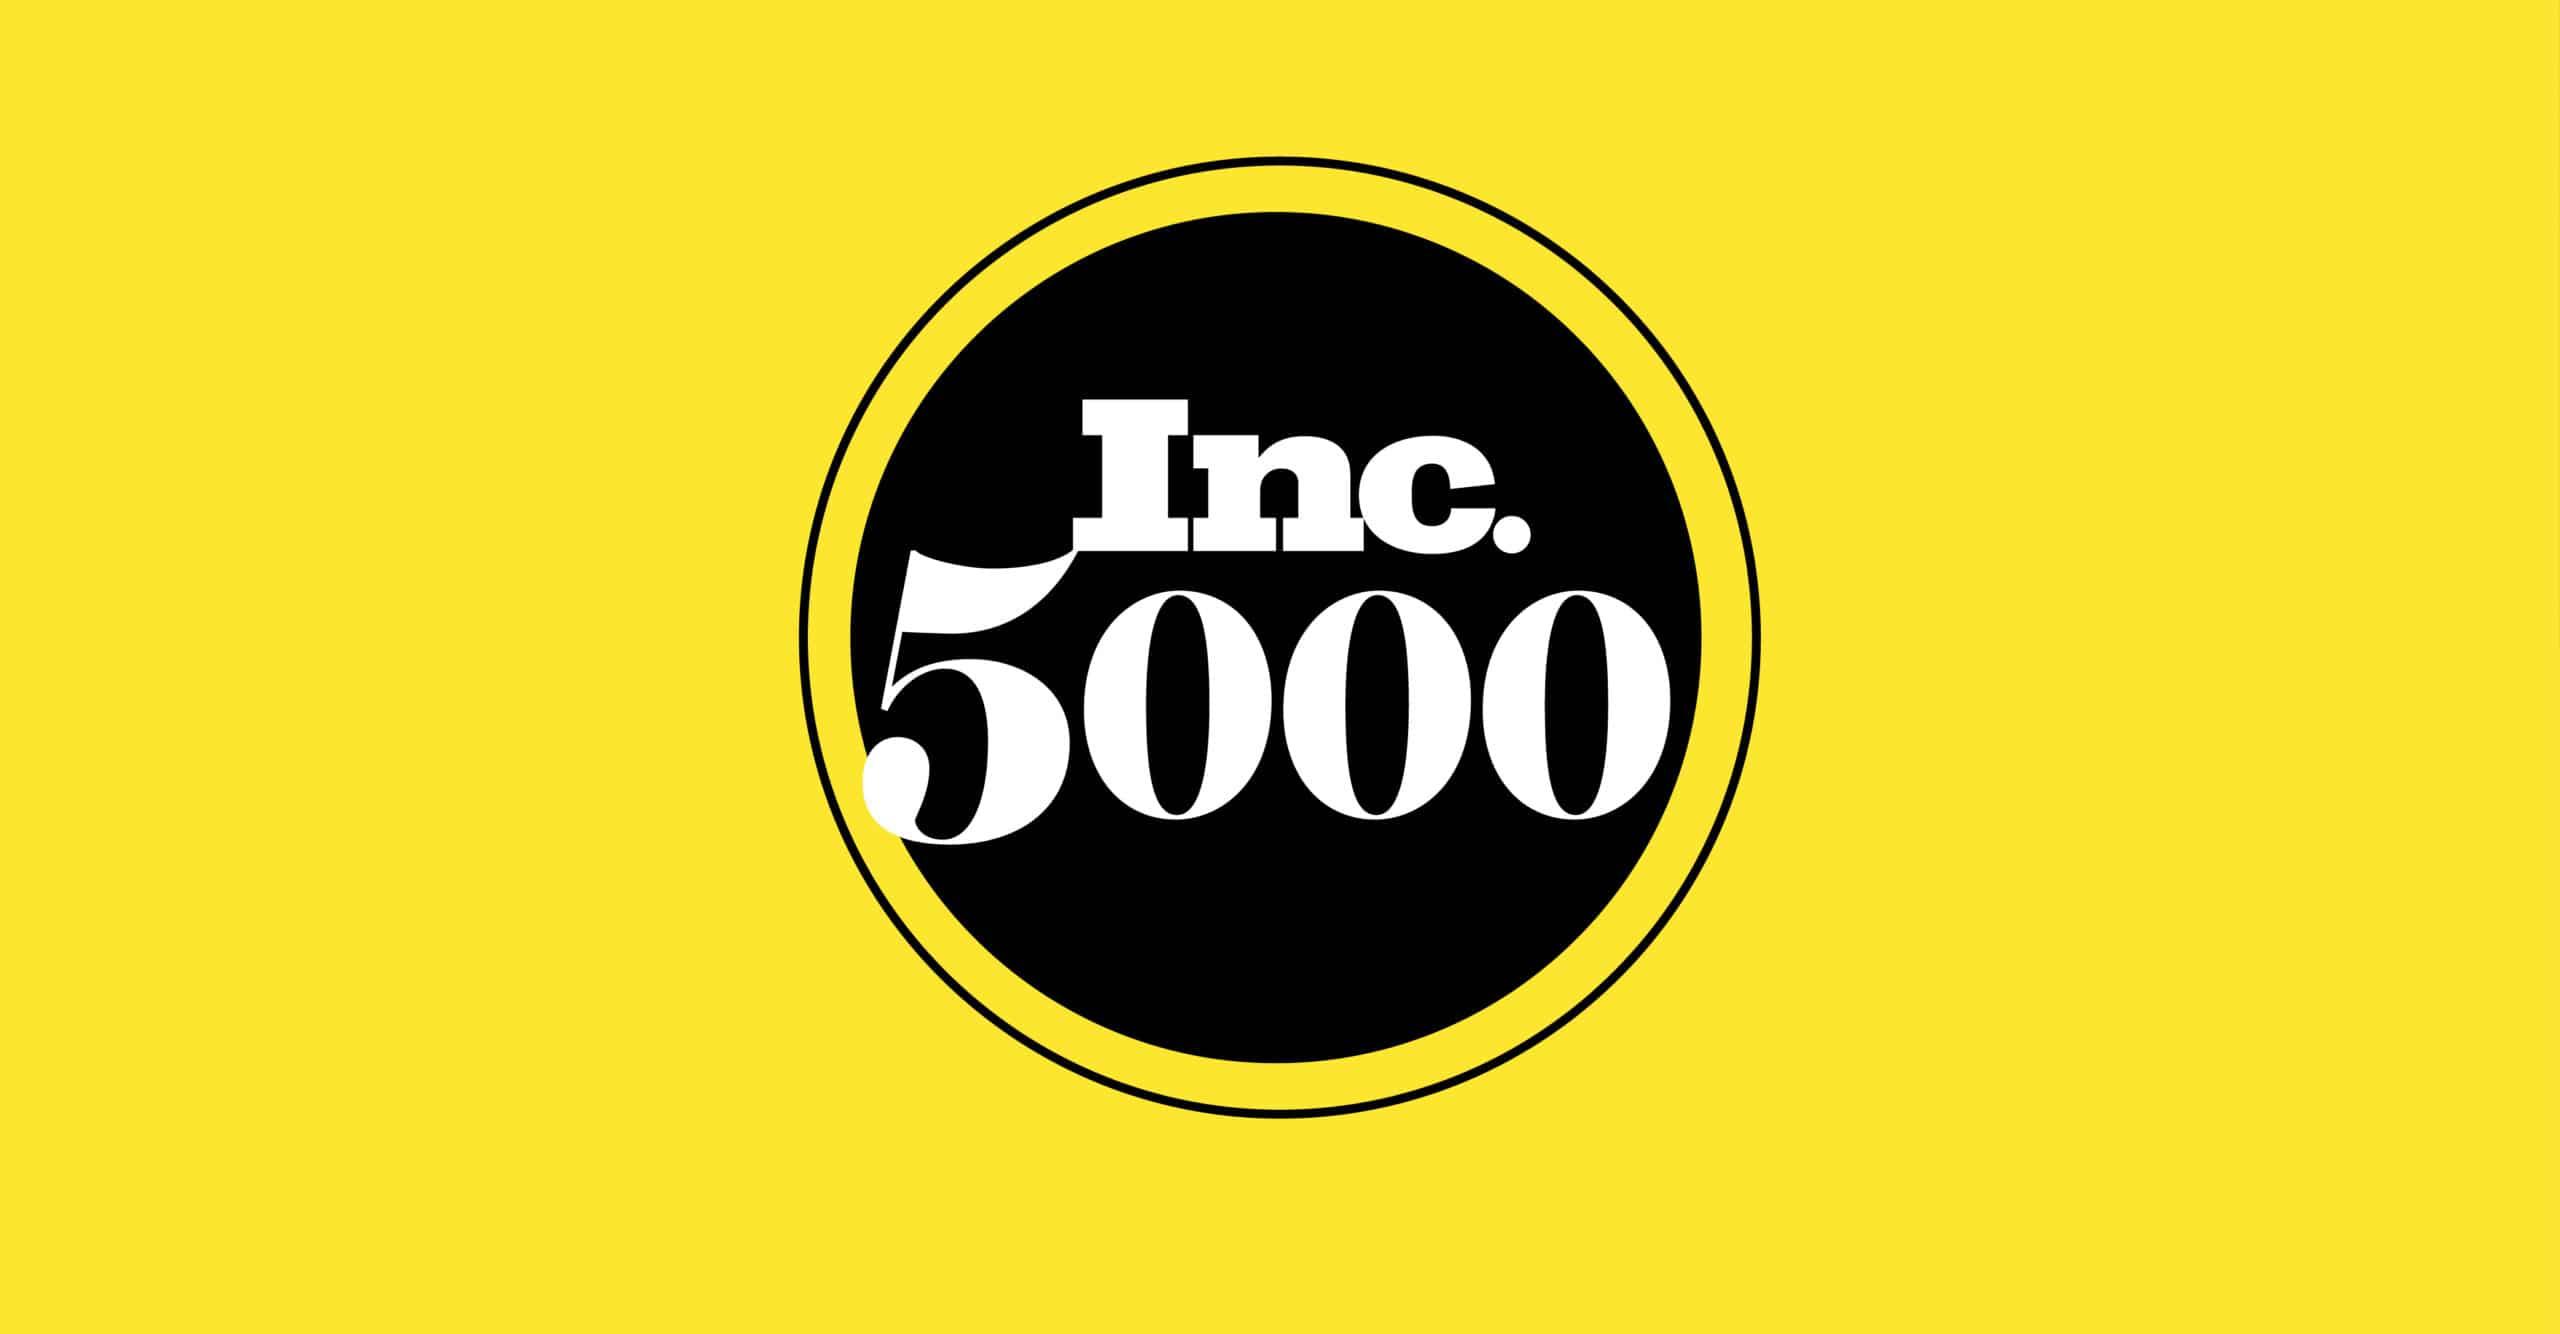 Technical Assurance Inc 5000